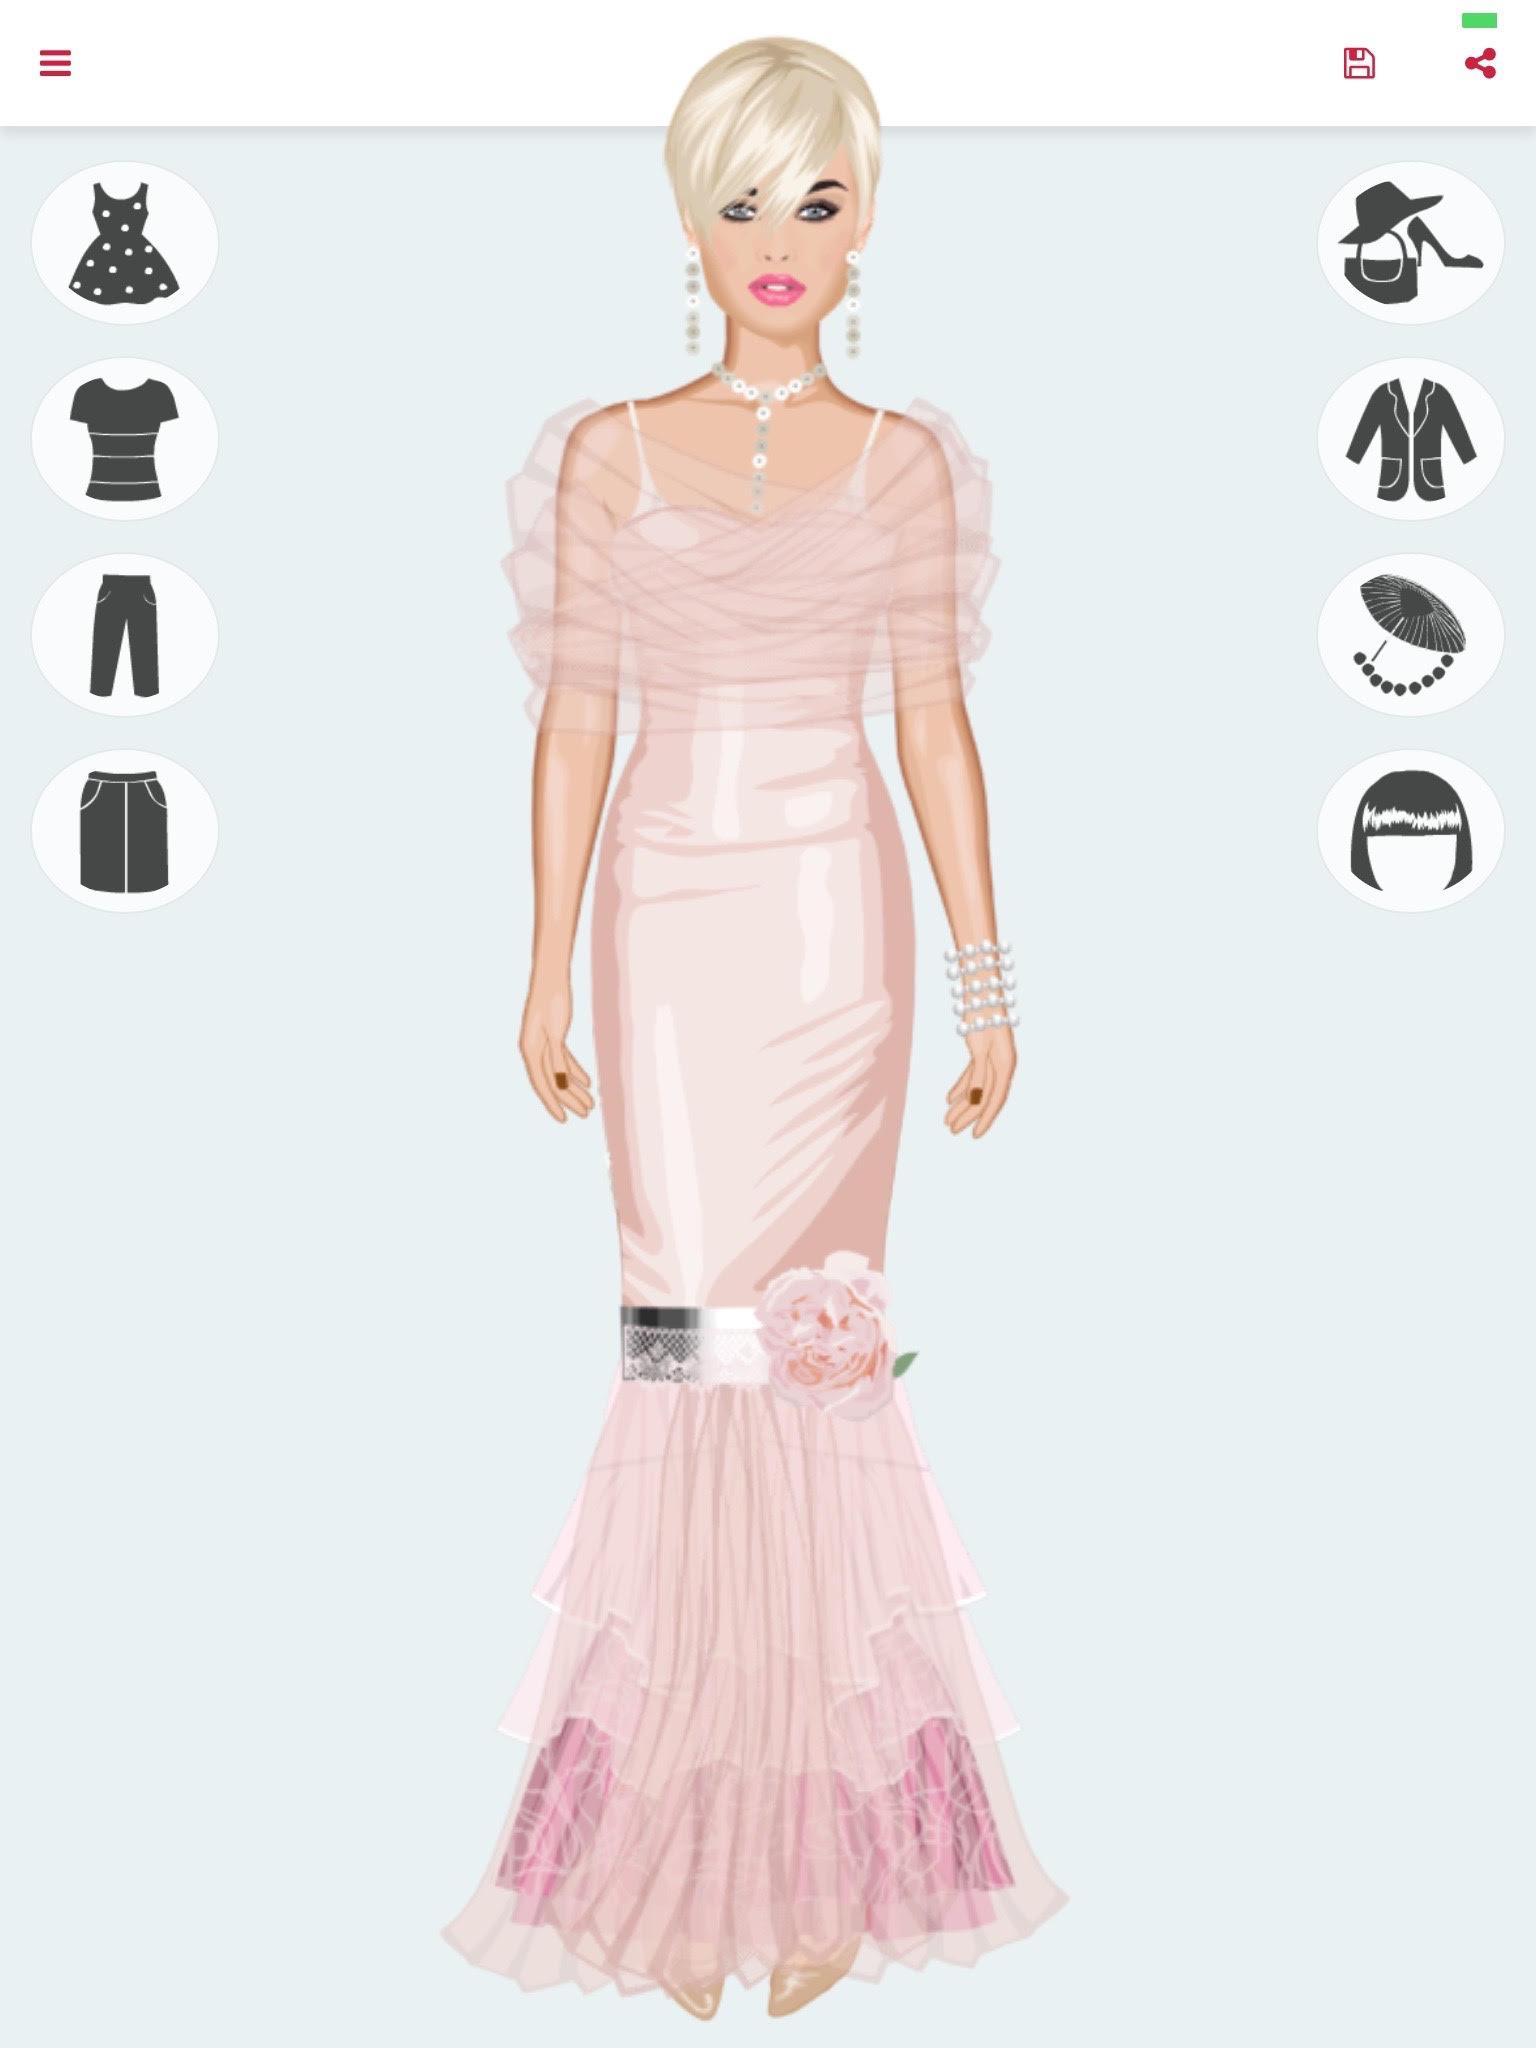 Fashion Superstar Dress Up Appstylist